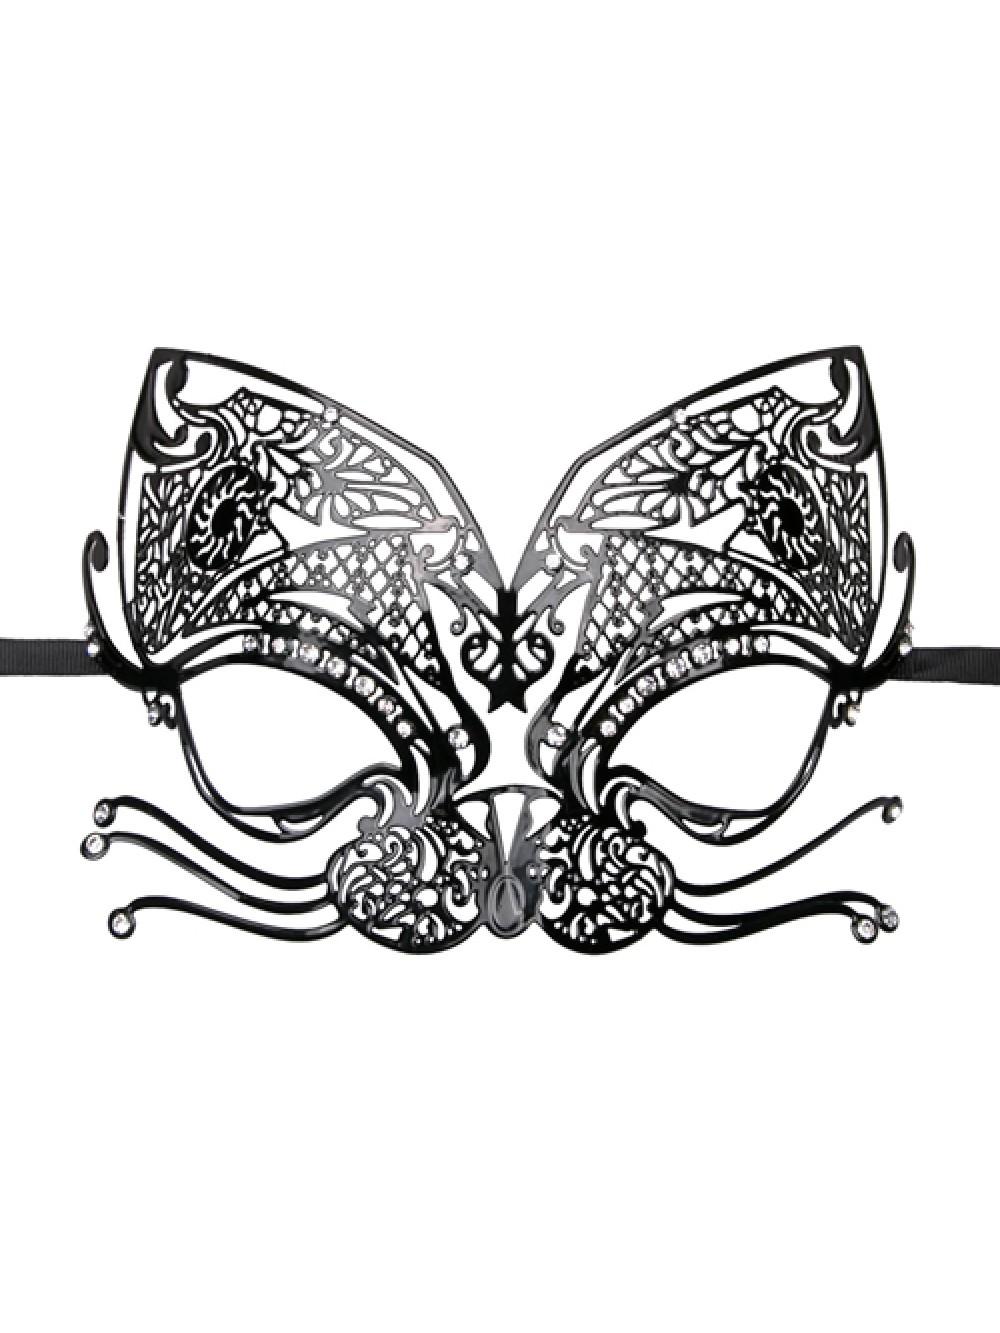 Metal Mask Black 8718627525548